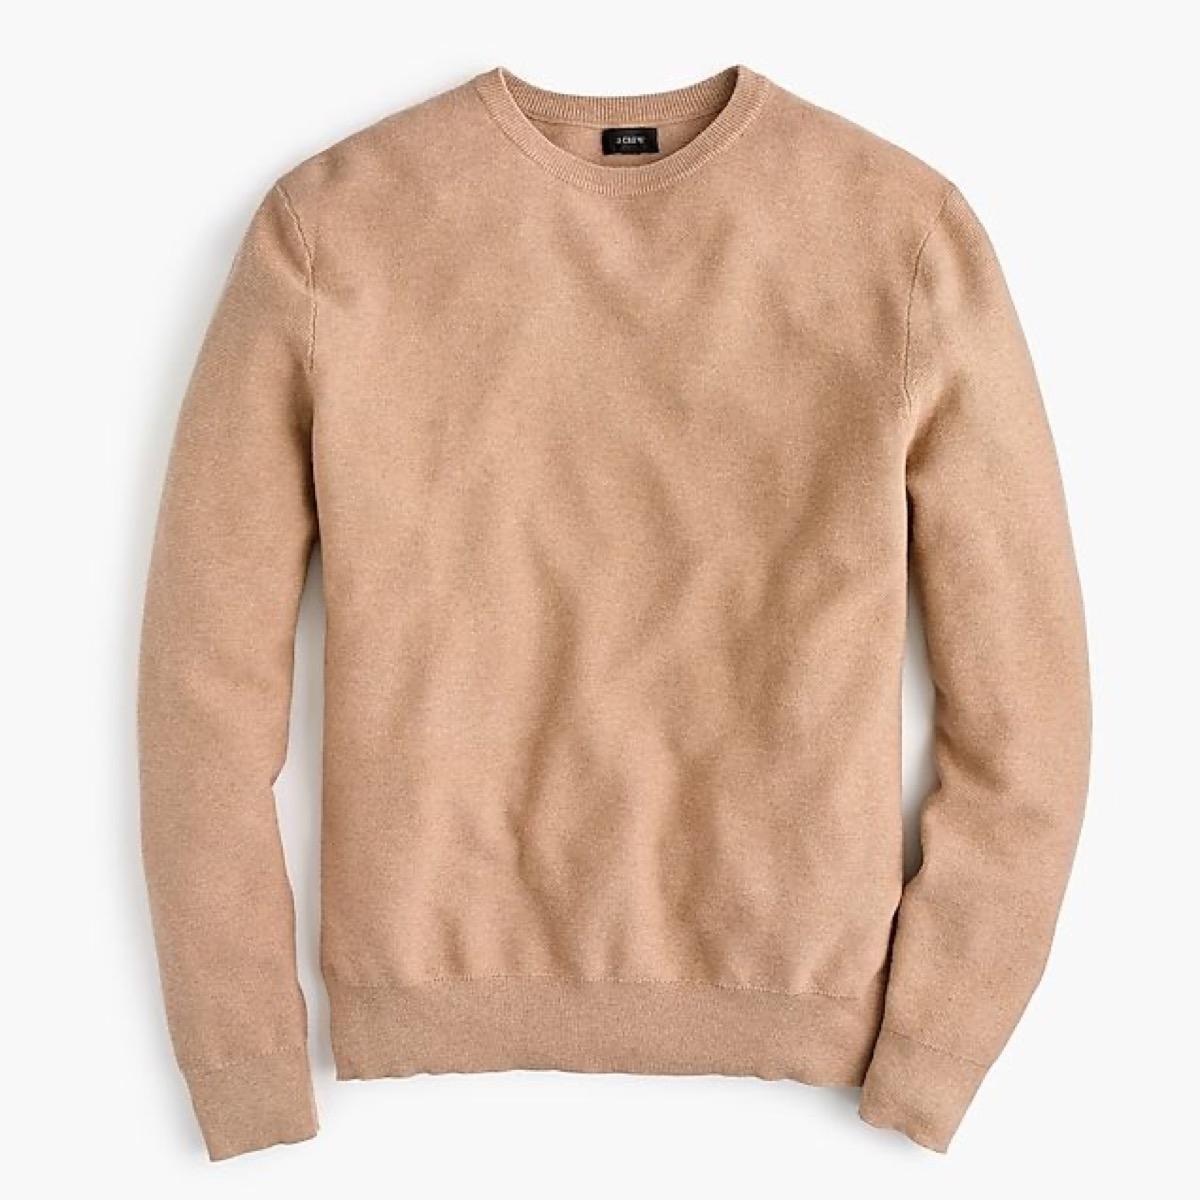 tan crewneck sweater